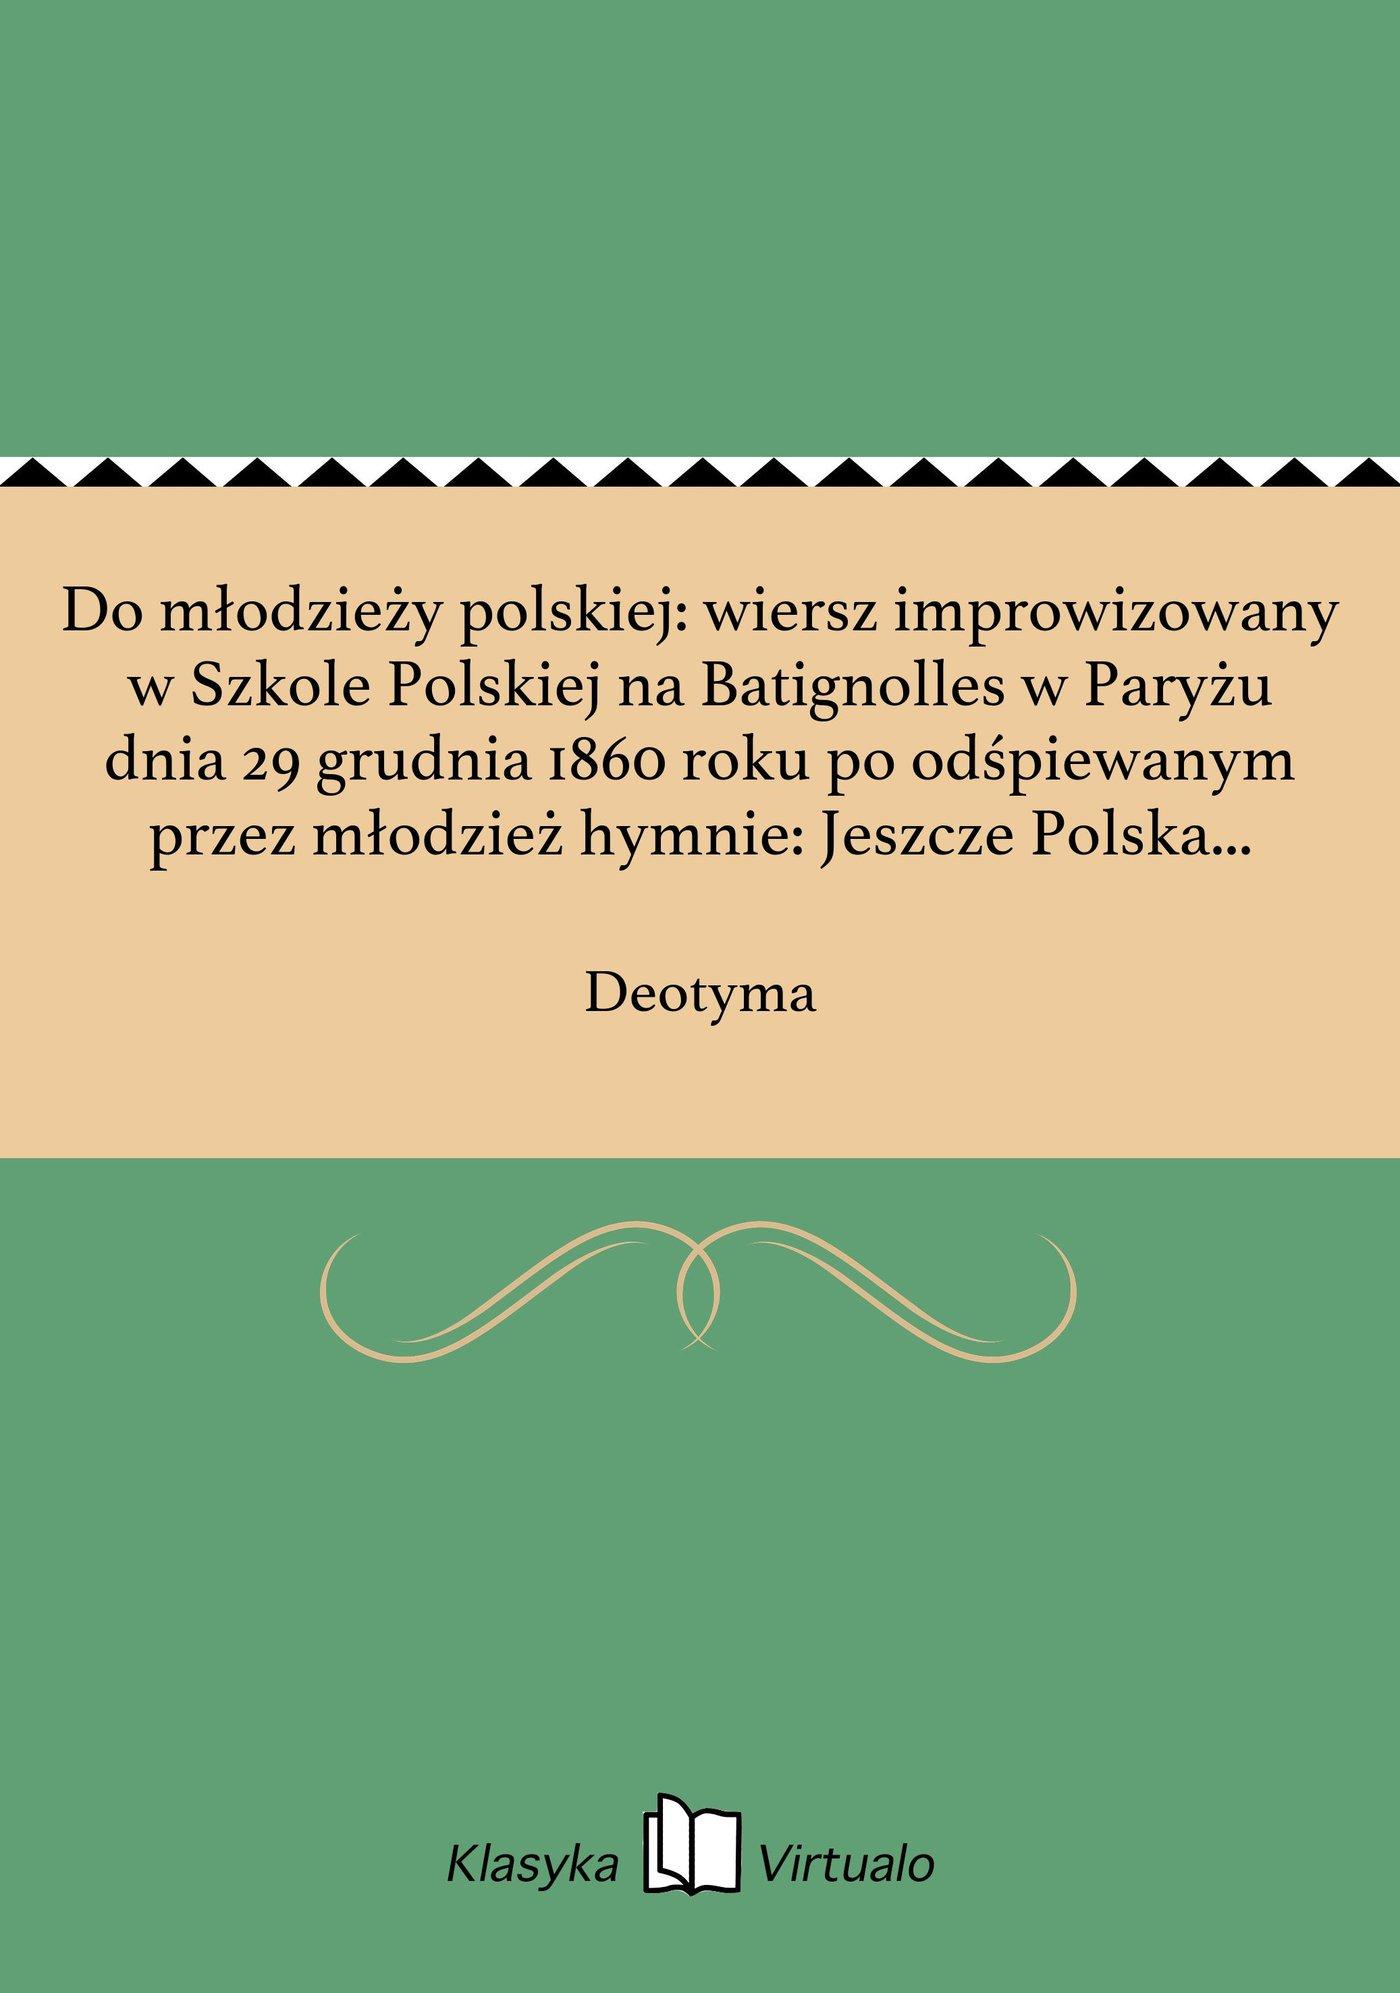 Do Młodzieży Polskiej Wiersz Improwizowany W Szkole